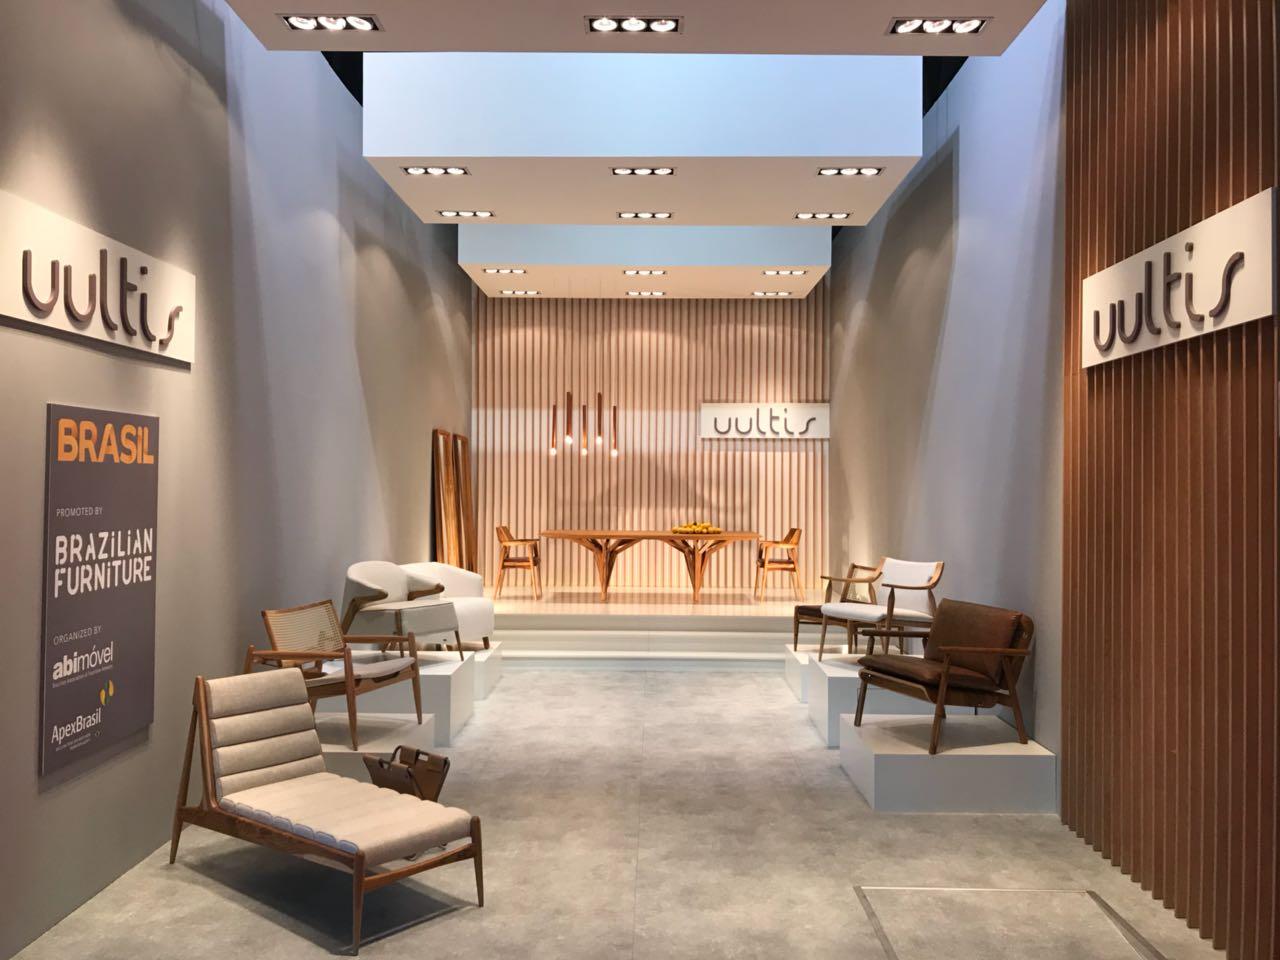 Móveis Uultis, marca premium do Grupo Herval, é apresentada no iSaloni